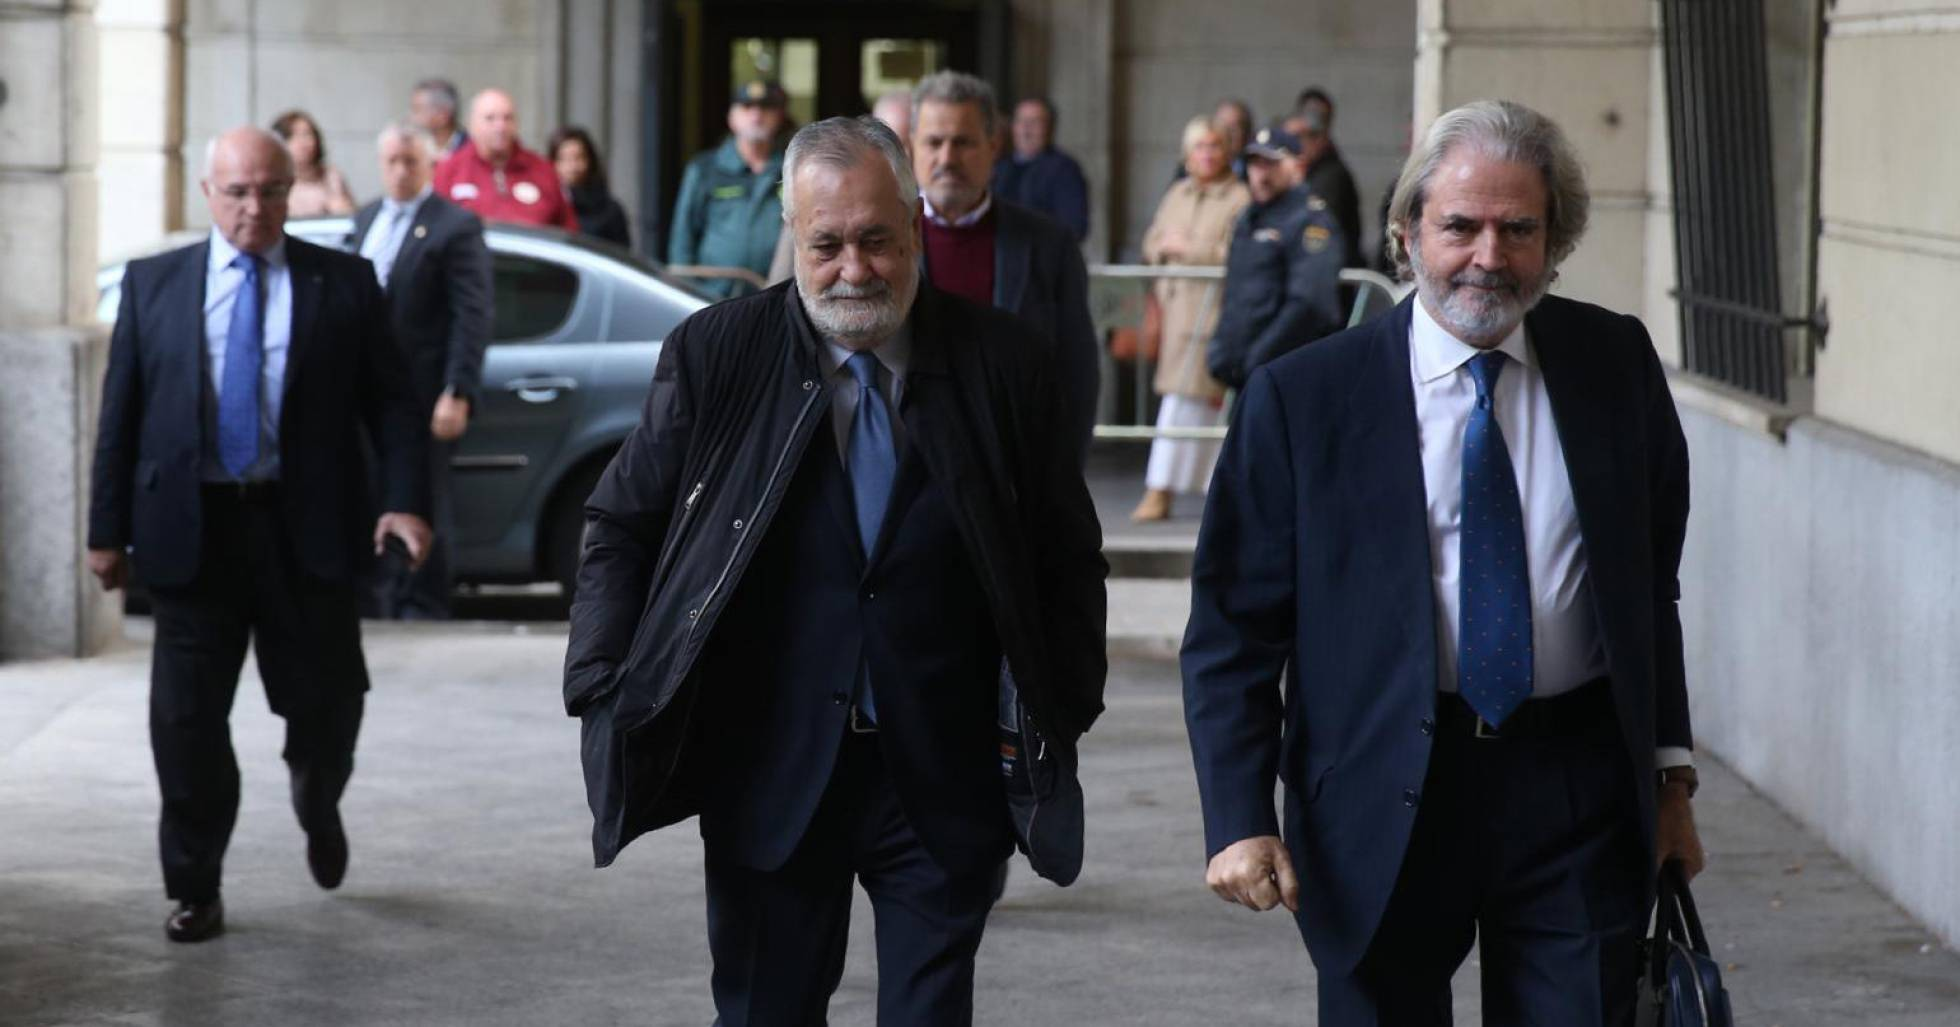 Alejandro Ruesga El País